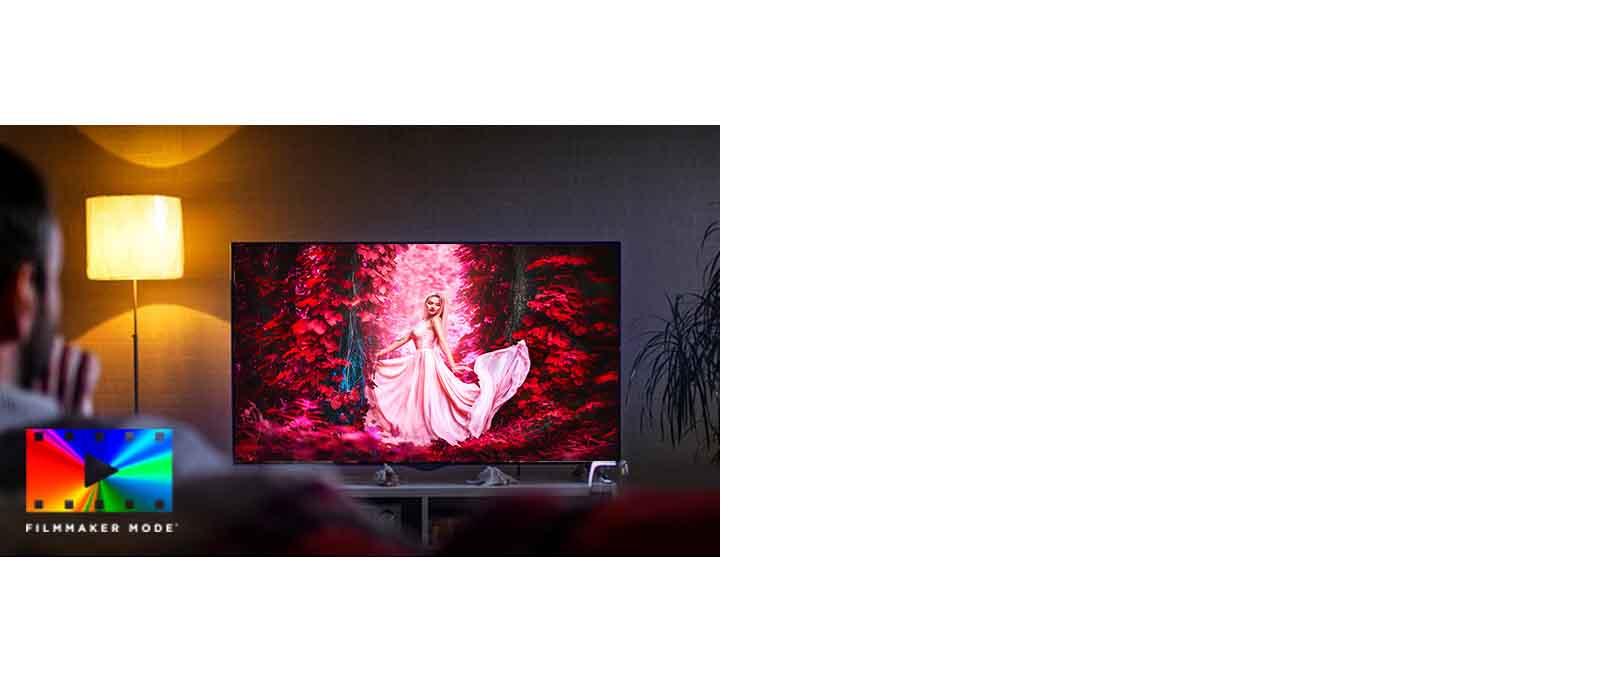 Oturma odasında, renkli bir film gösteren TV ekranının karşısında kanepede oturan adam